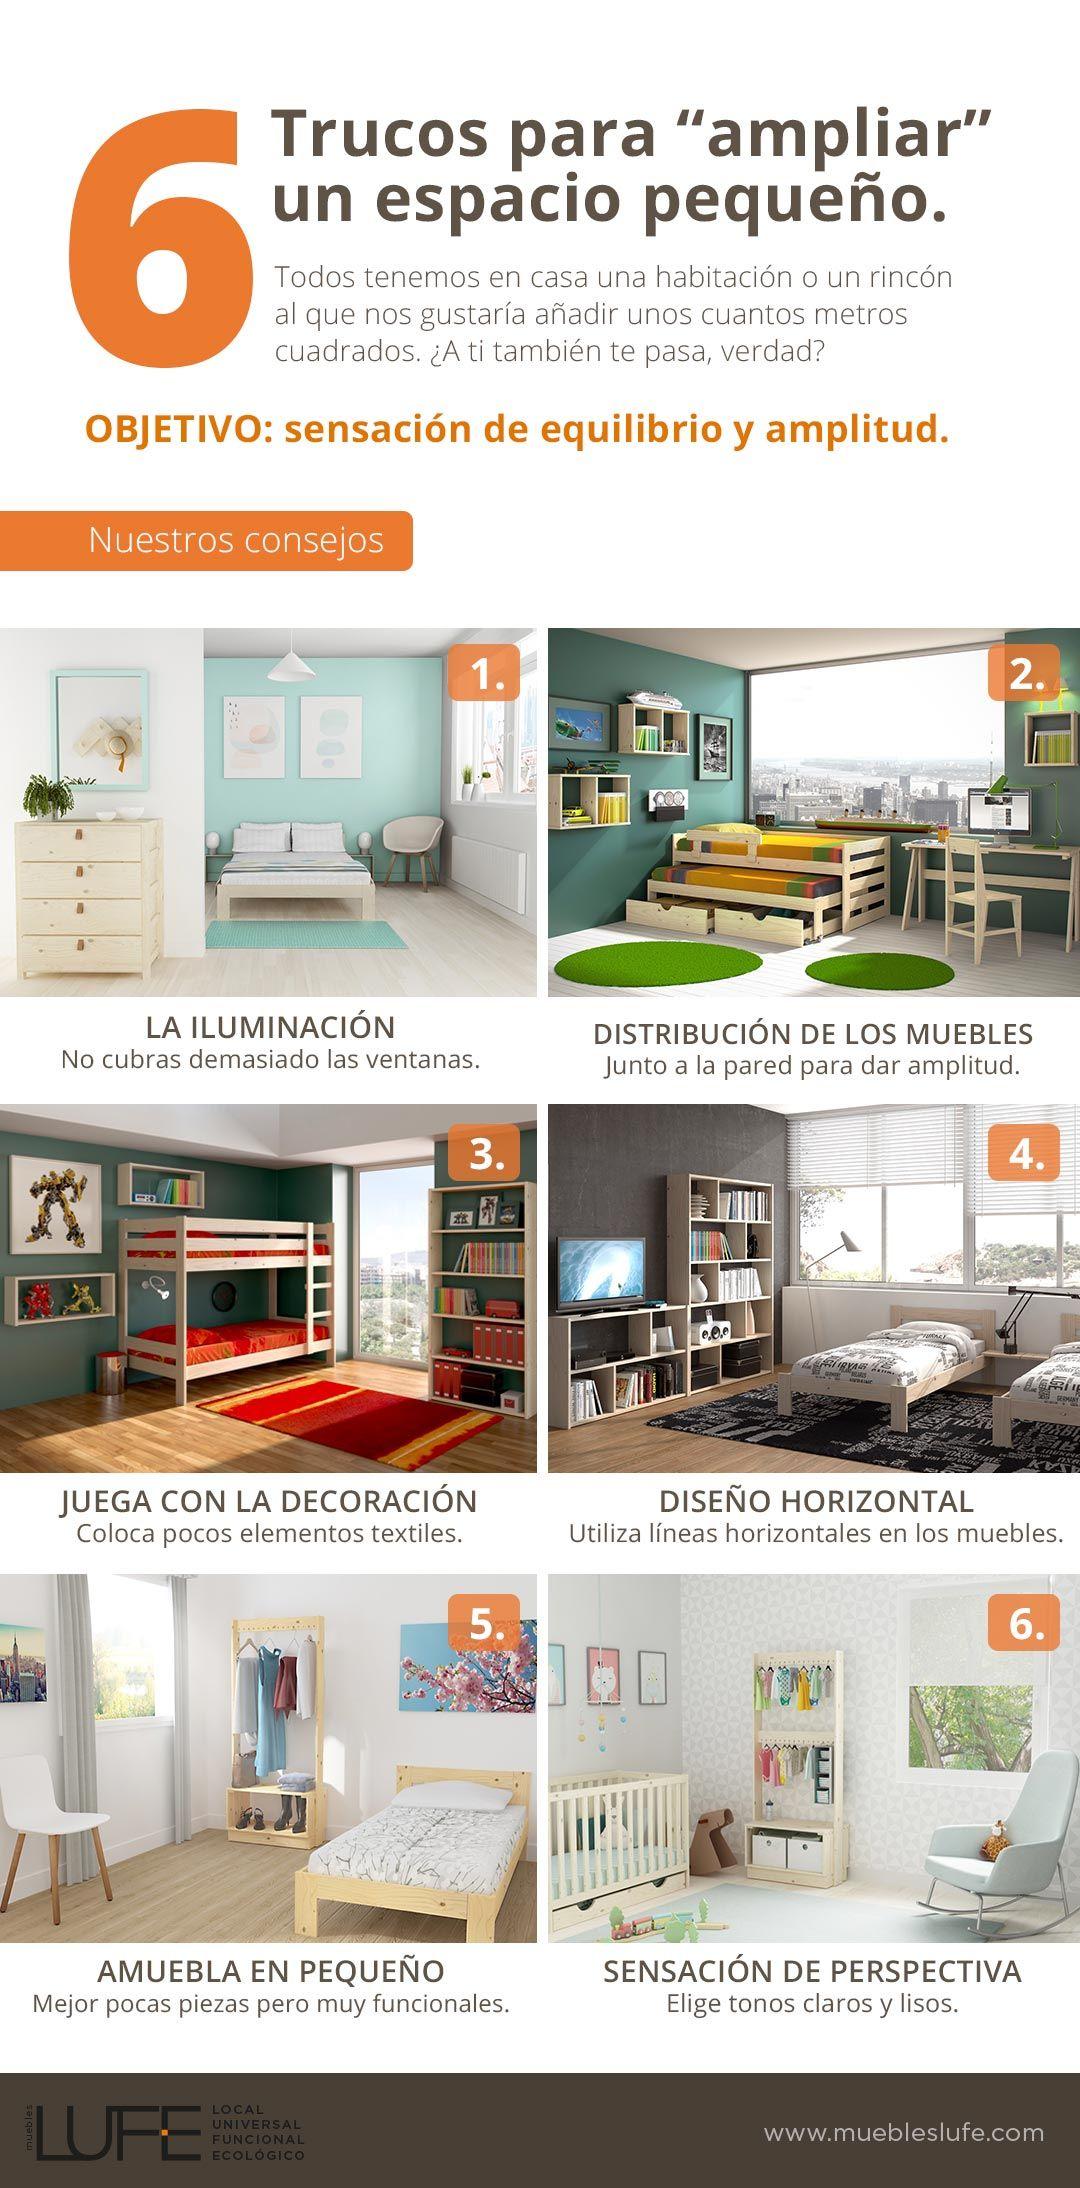 6 trucos para ampliar un espacio peque o infograf a for Diseno de interiores para espacios pequenos